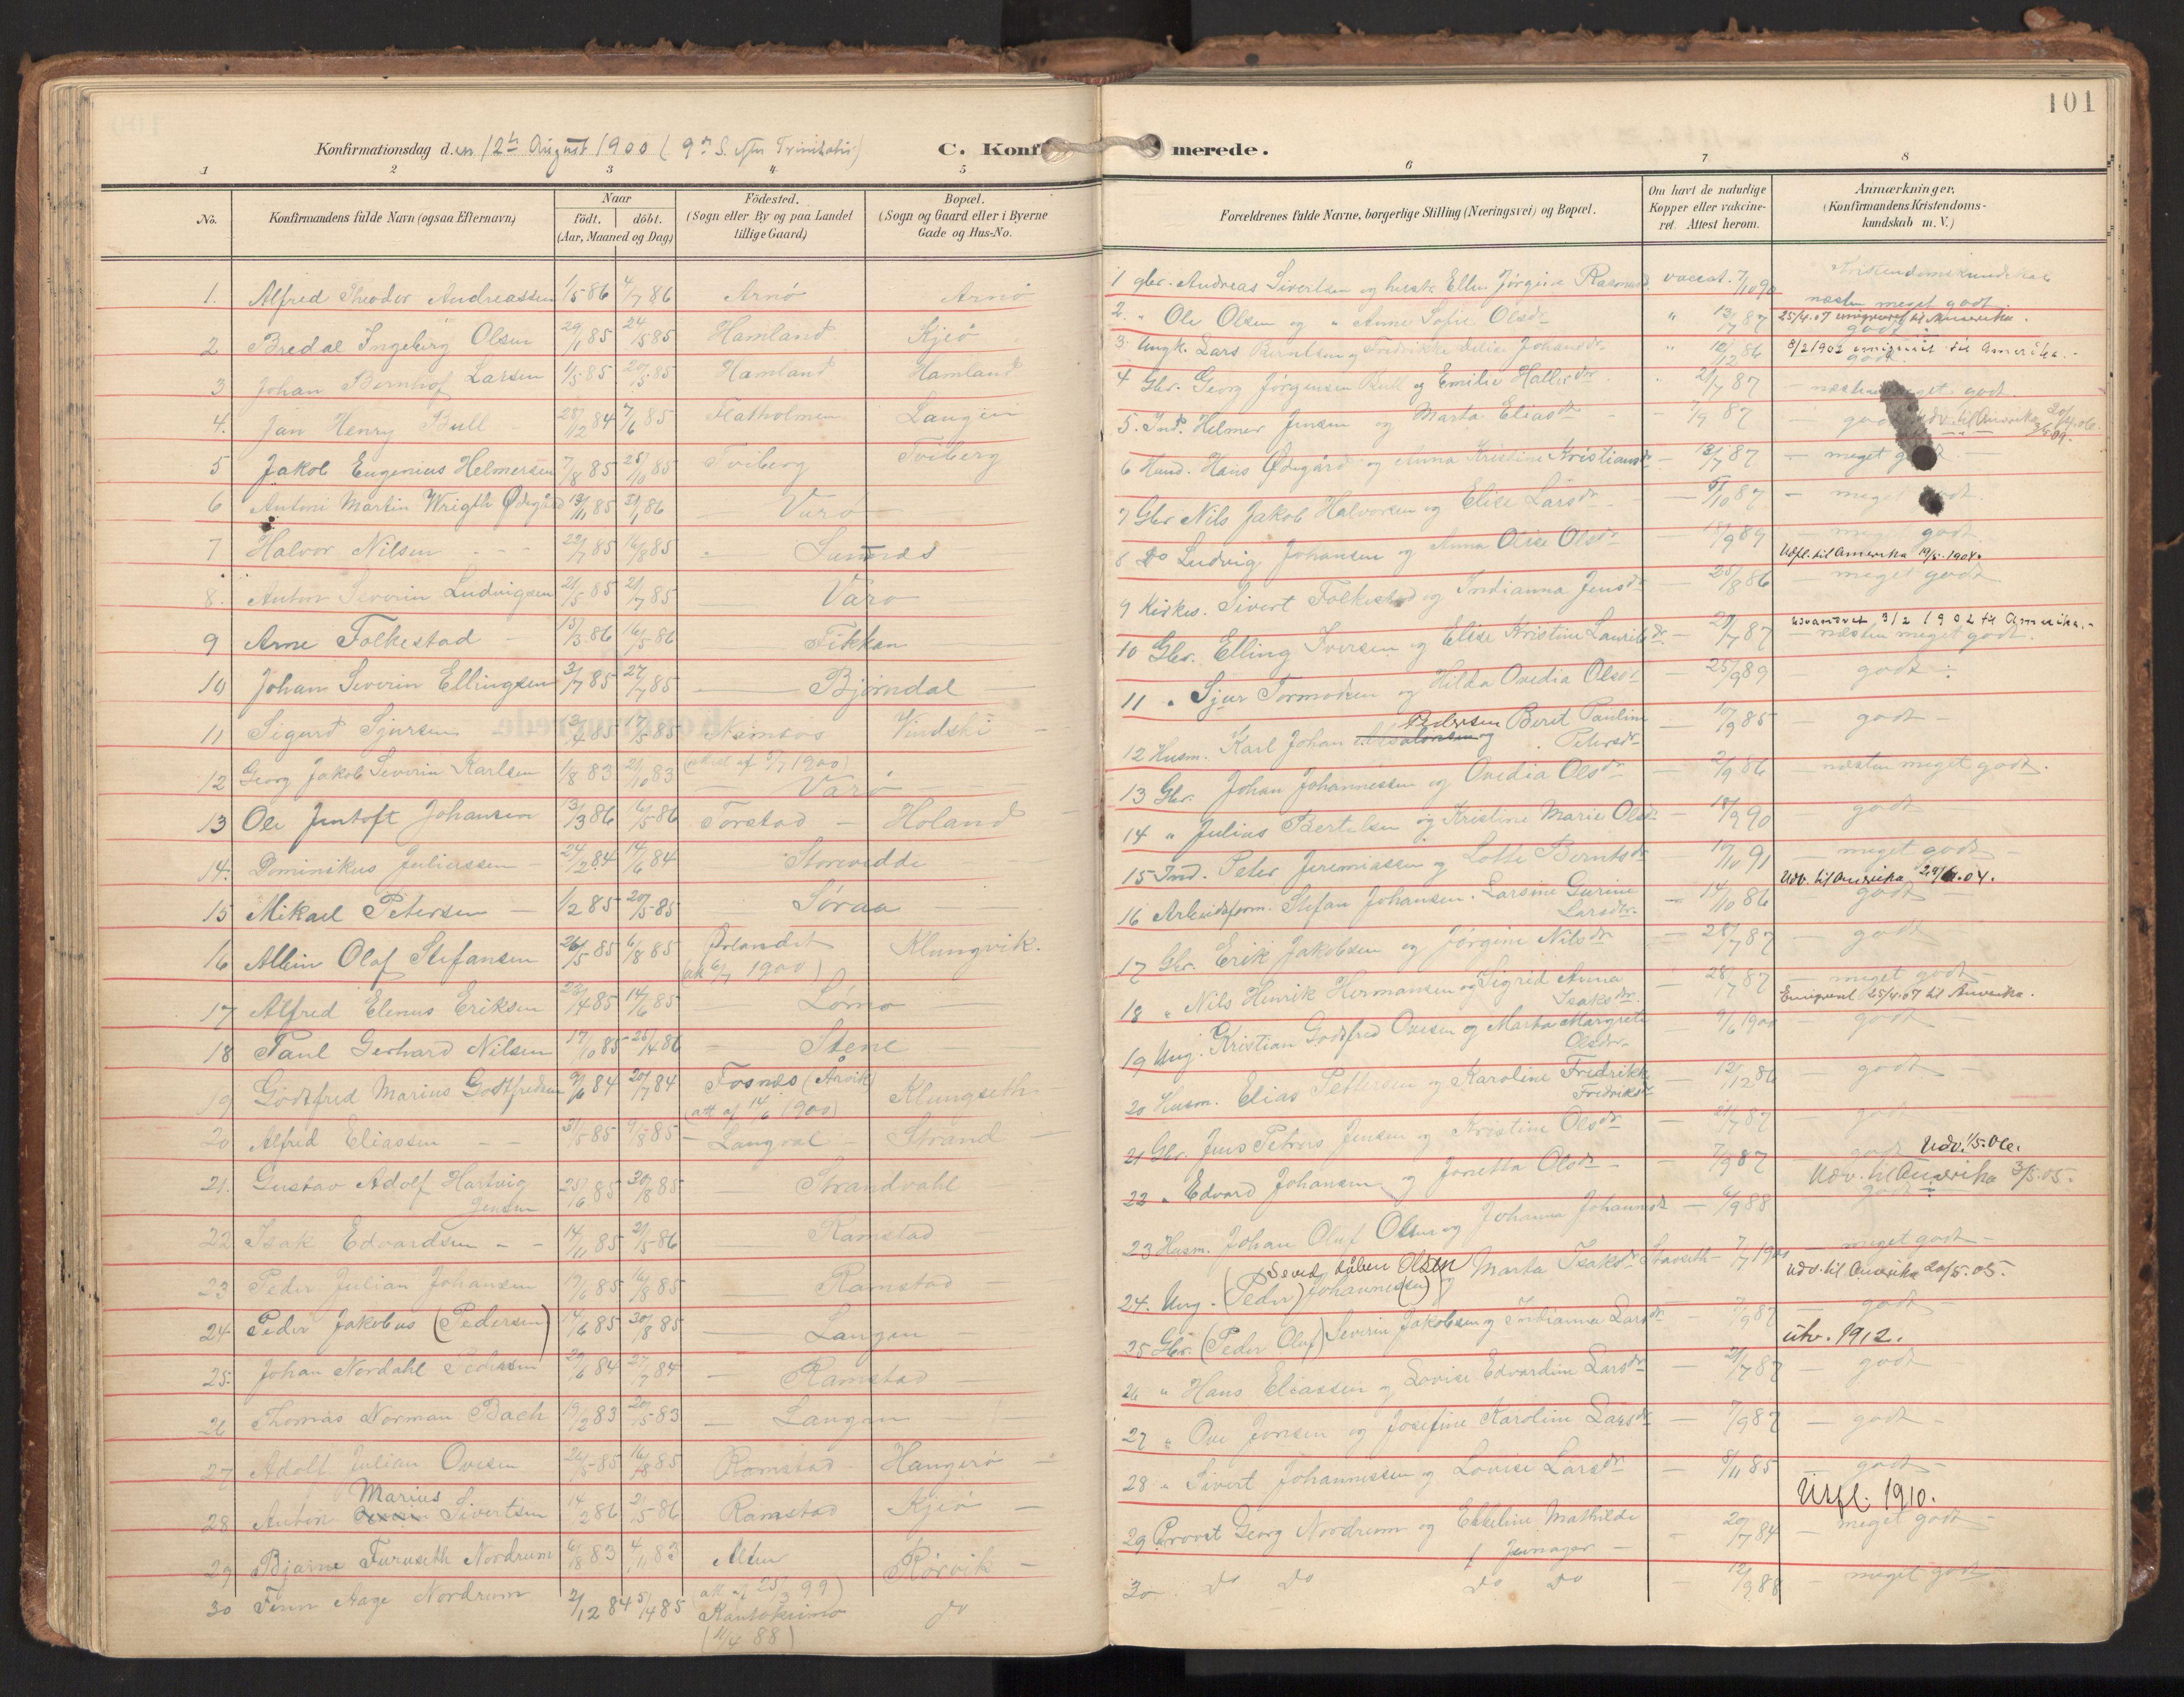 SAT, Ministerialprotokoller, klokkerbøker og fødselsregistre - Nord-Trøndelag, 784/L0677: Ministerialbok nr. 784A12, 1900-1920, s. 101